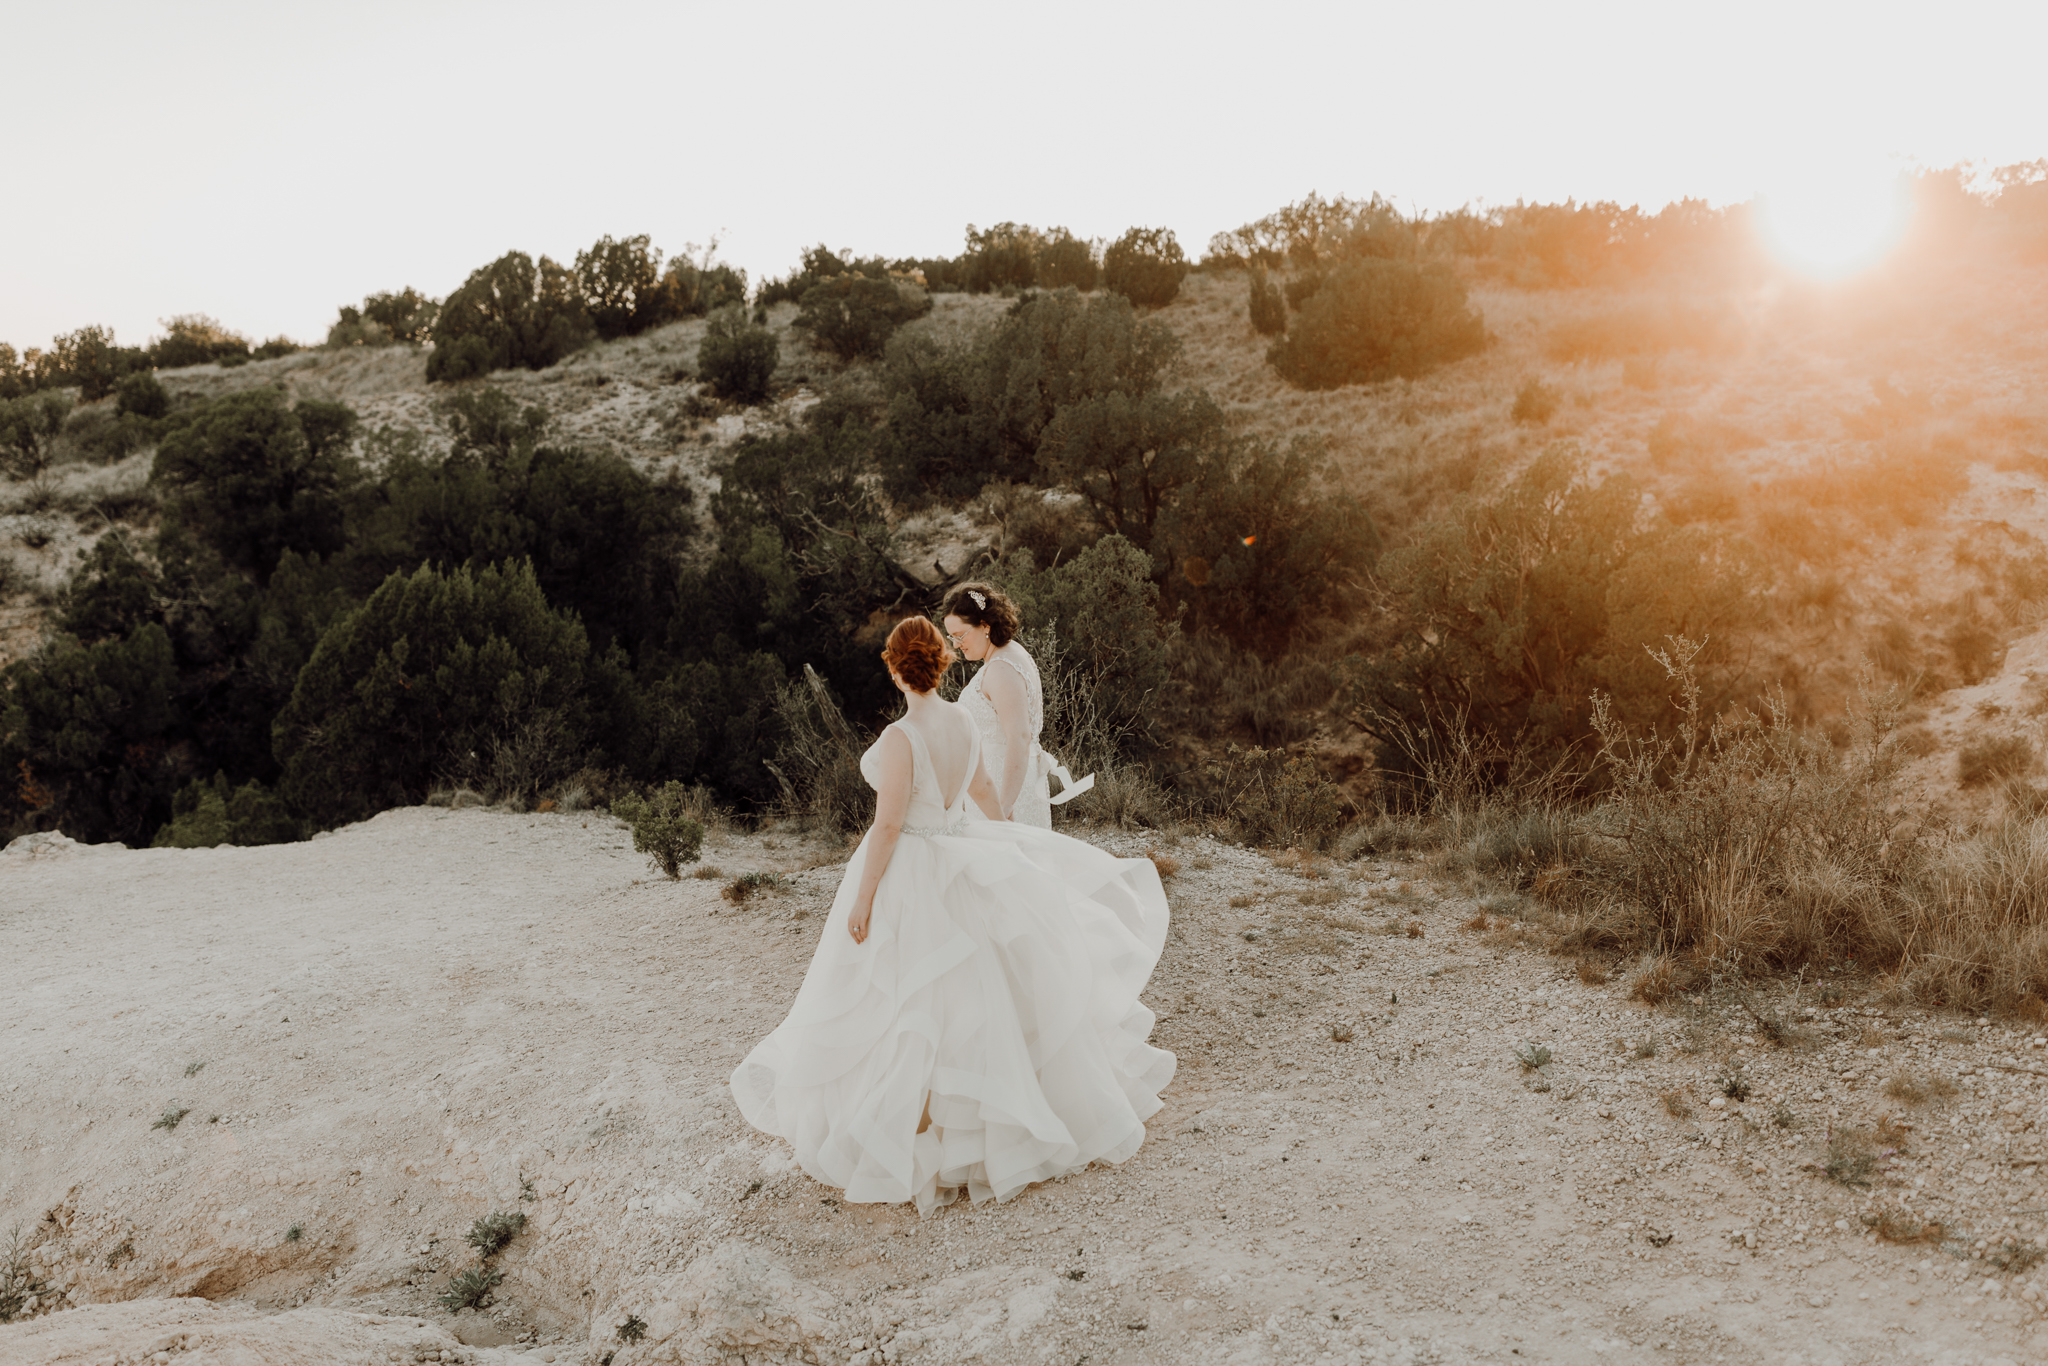 Texas Wedding Photographer-Palo Duro Canyon Sam Sex Wedding- Houston Wedding Photographer -Kristen Giles Photography-32.jpg